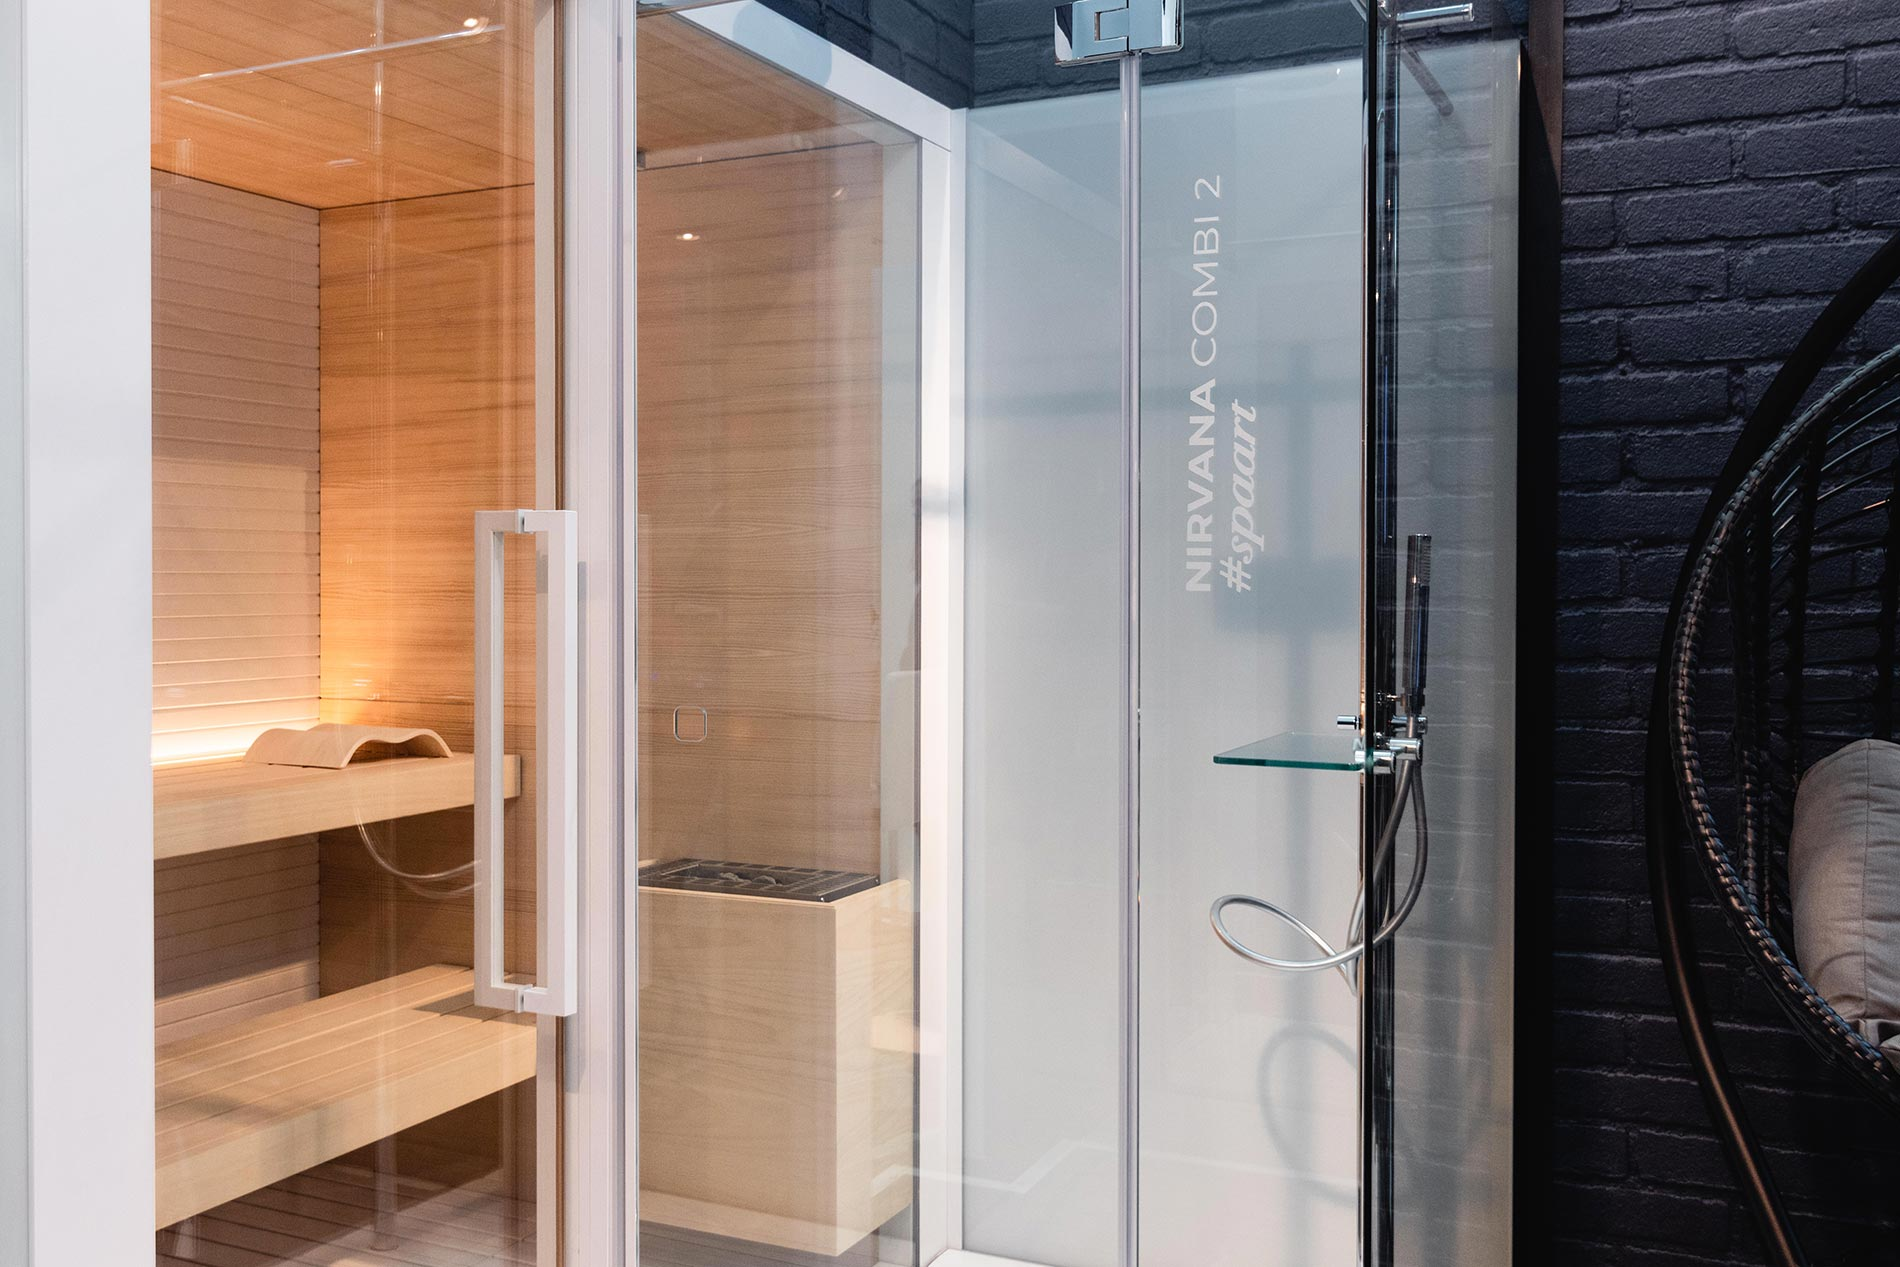 progettare la zona wellness in casa una spa domestica megius sia 2019